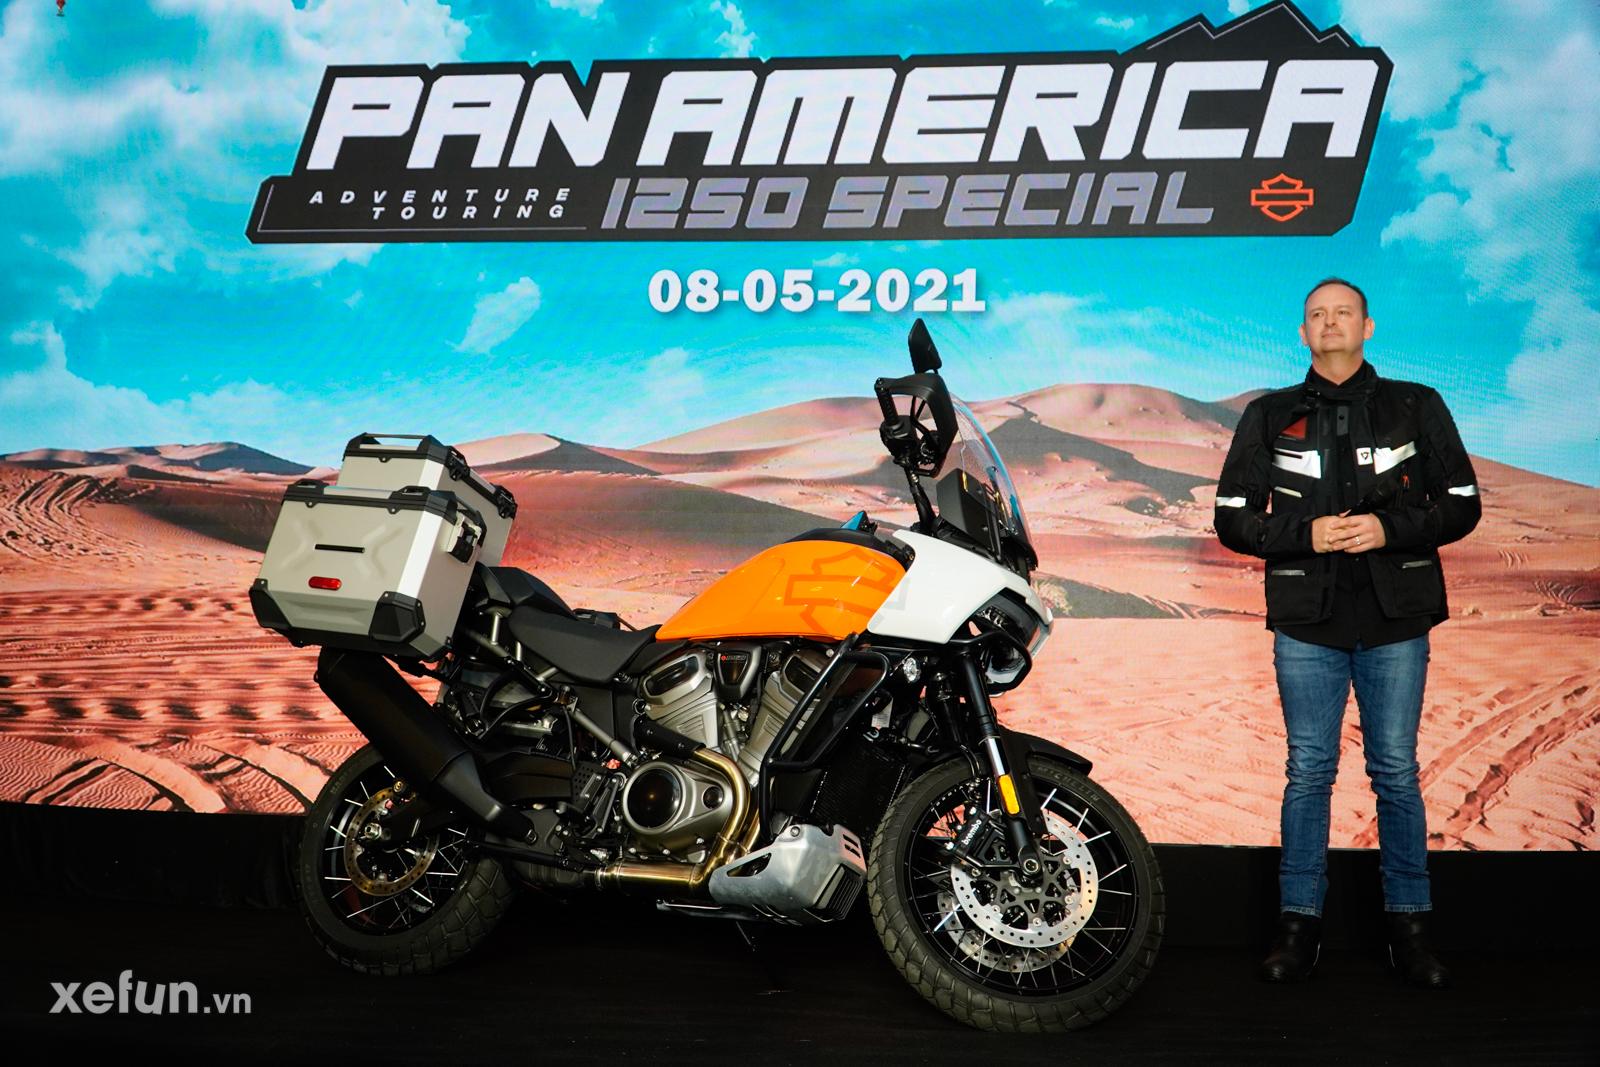 Ra mắt Harley Davidson Pan America 1250 Special đầu tiên tại Việt Nam #Xefun #HarleyDavidson #PanAmerica